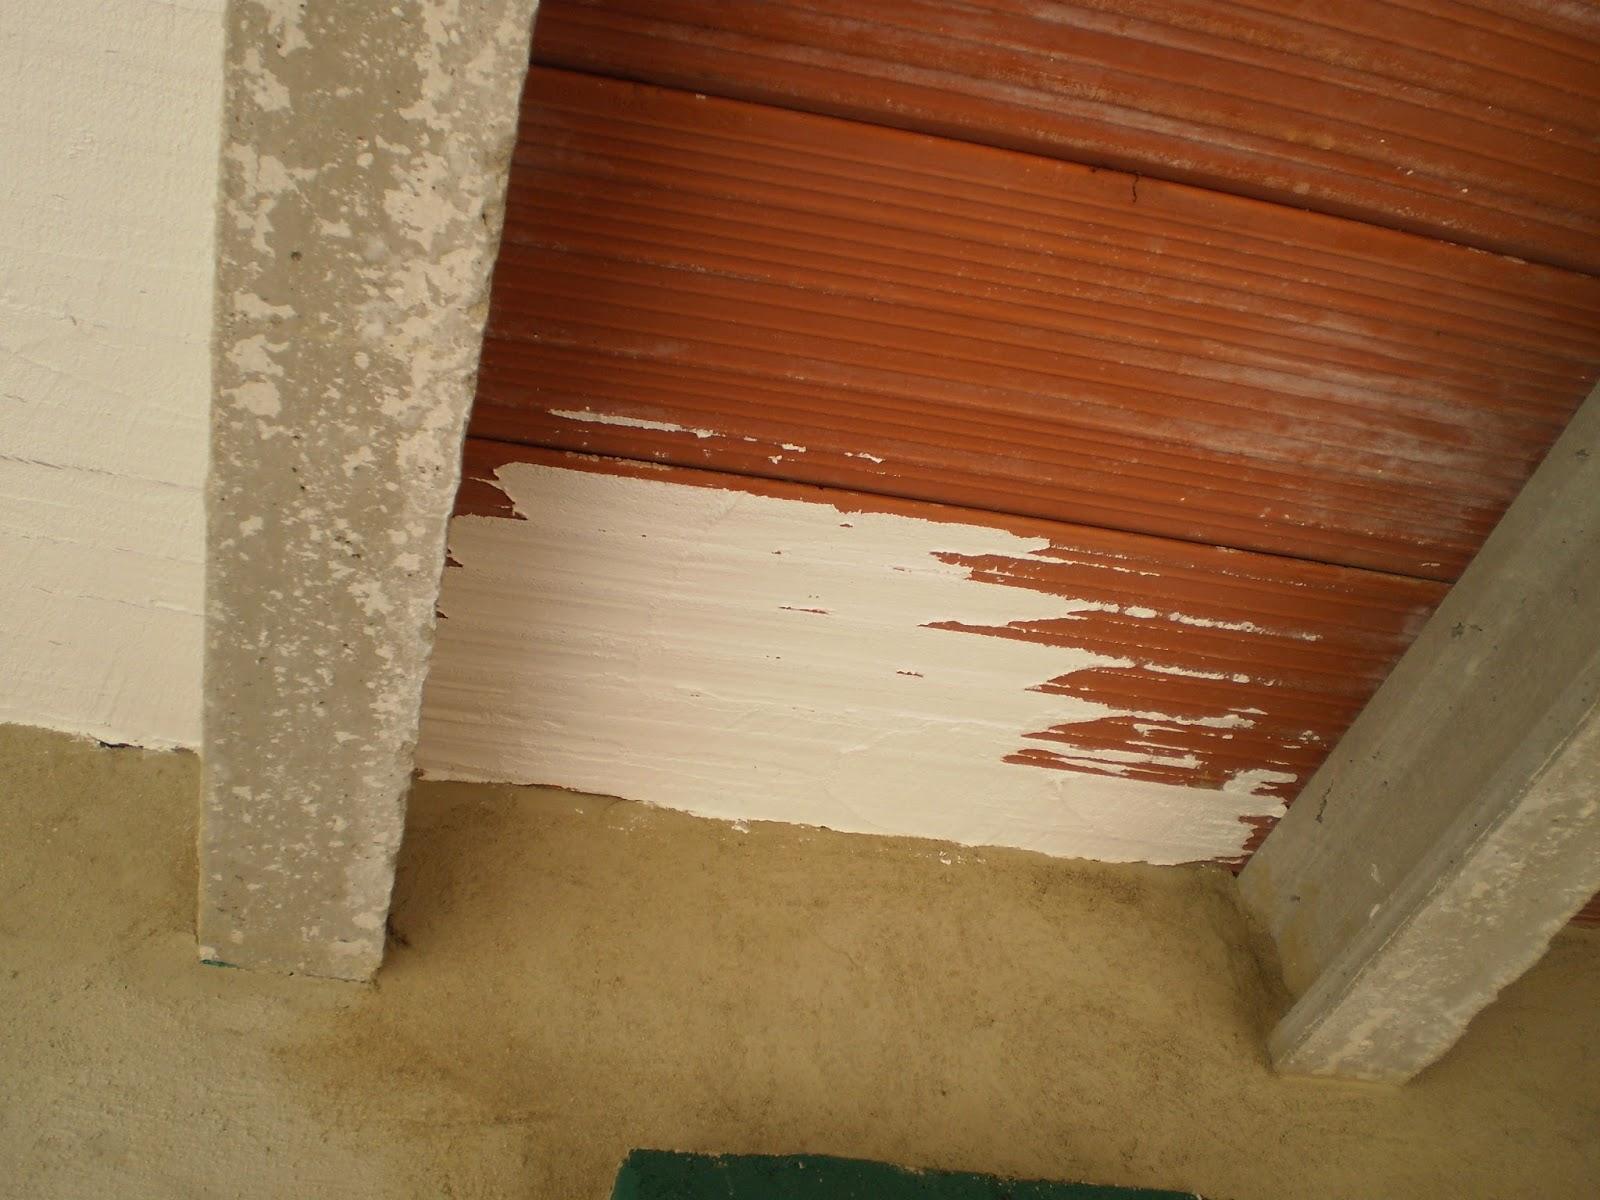 El blog de la elena un blog dulce divertido y - Como pintar un techo ...